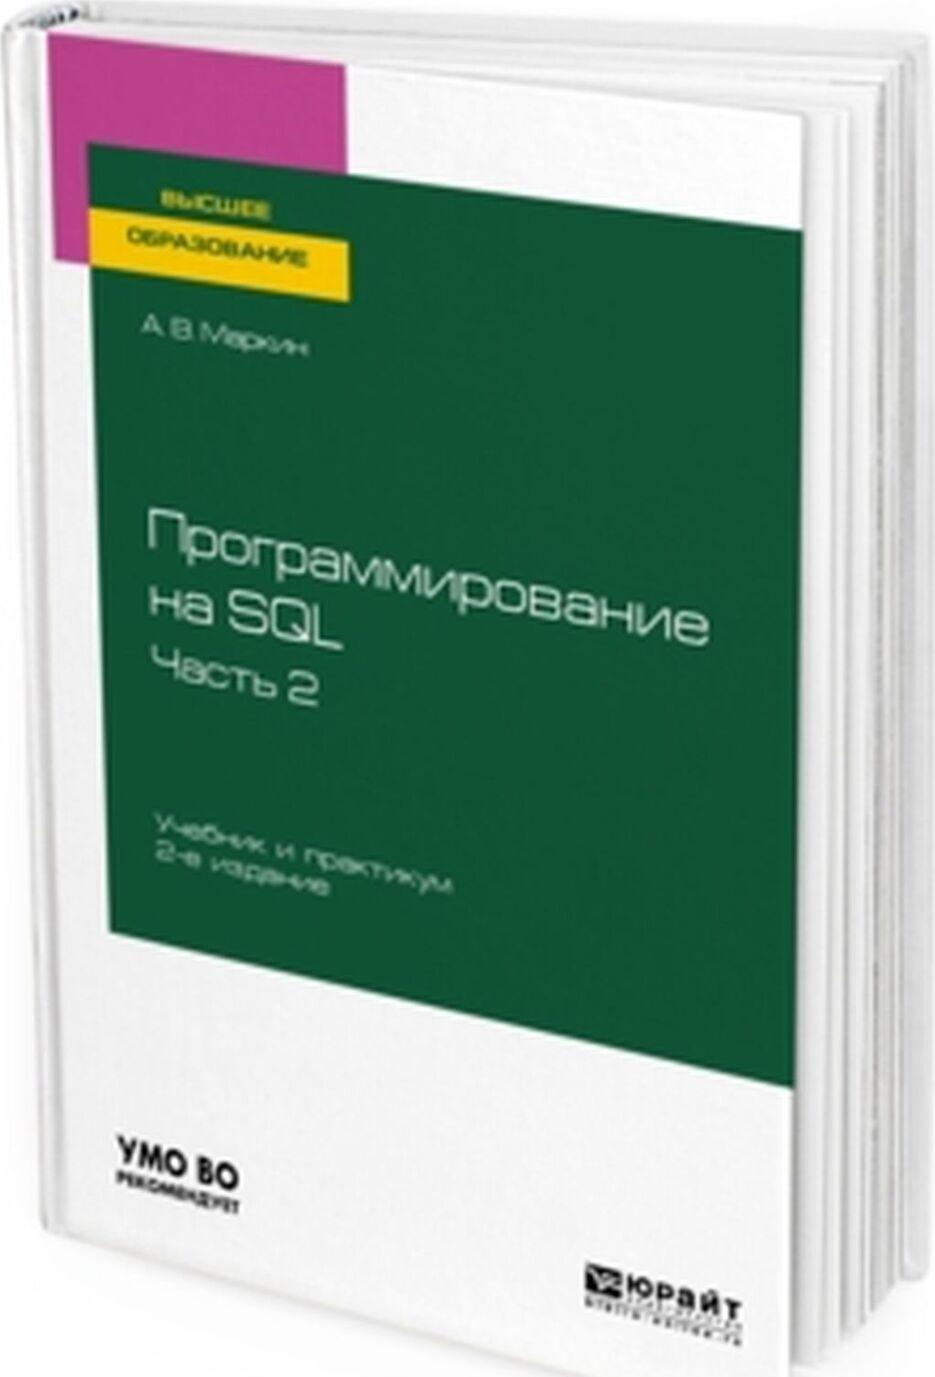 Programmirovanie na SQL. Uchebnik i praktikum. V 2 chastjakh. Chast 2 | Markin Aleksandr Vasilevich